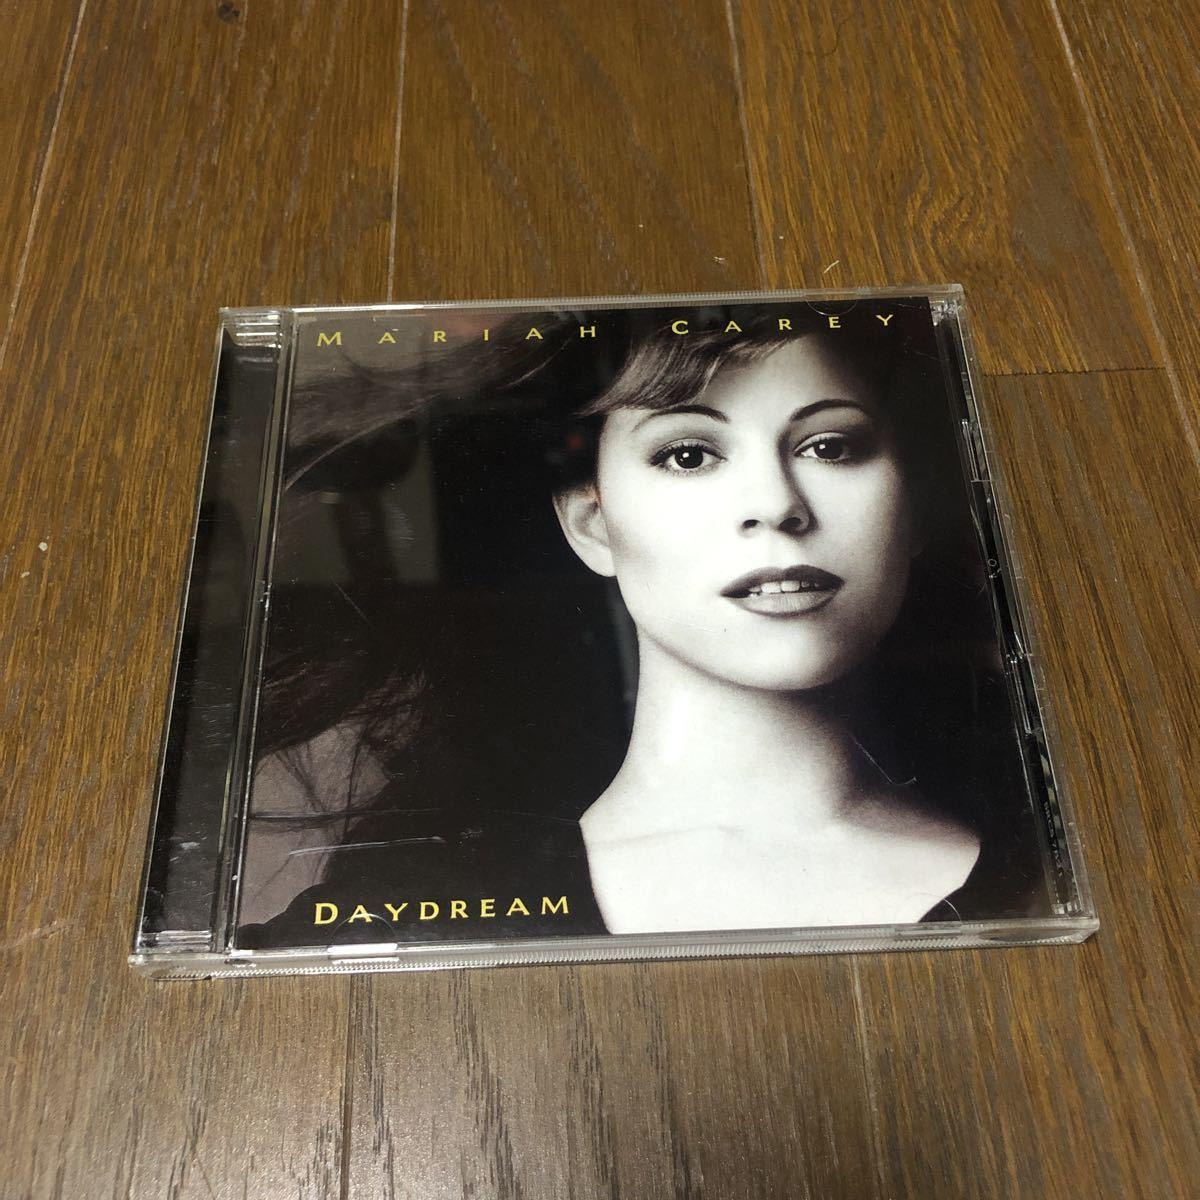 マライア・キャリー デイドリーム 国内盤CD